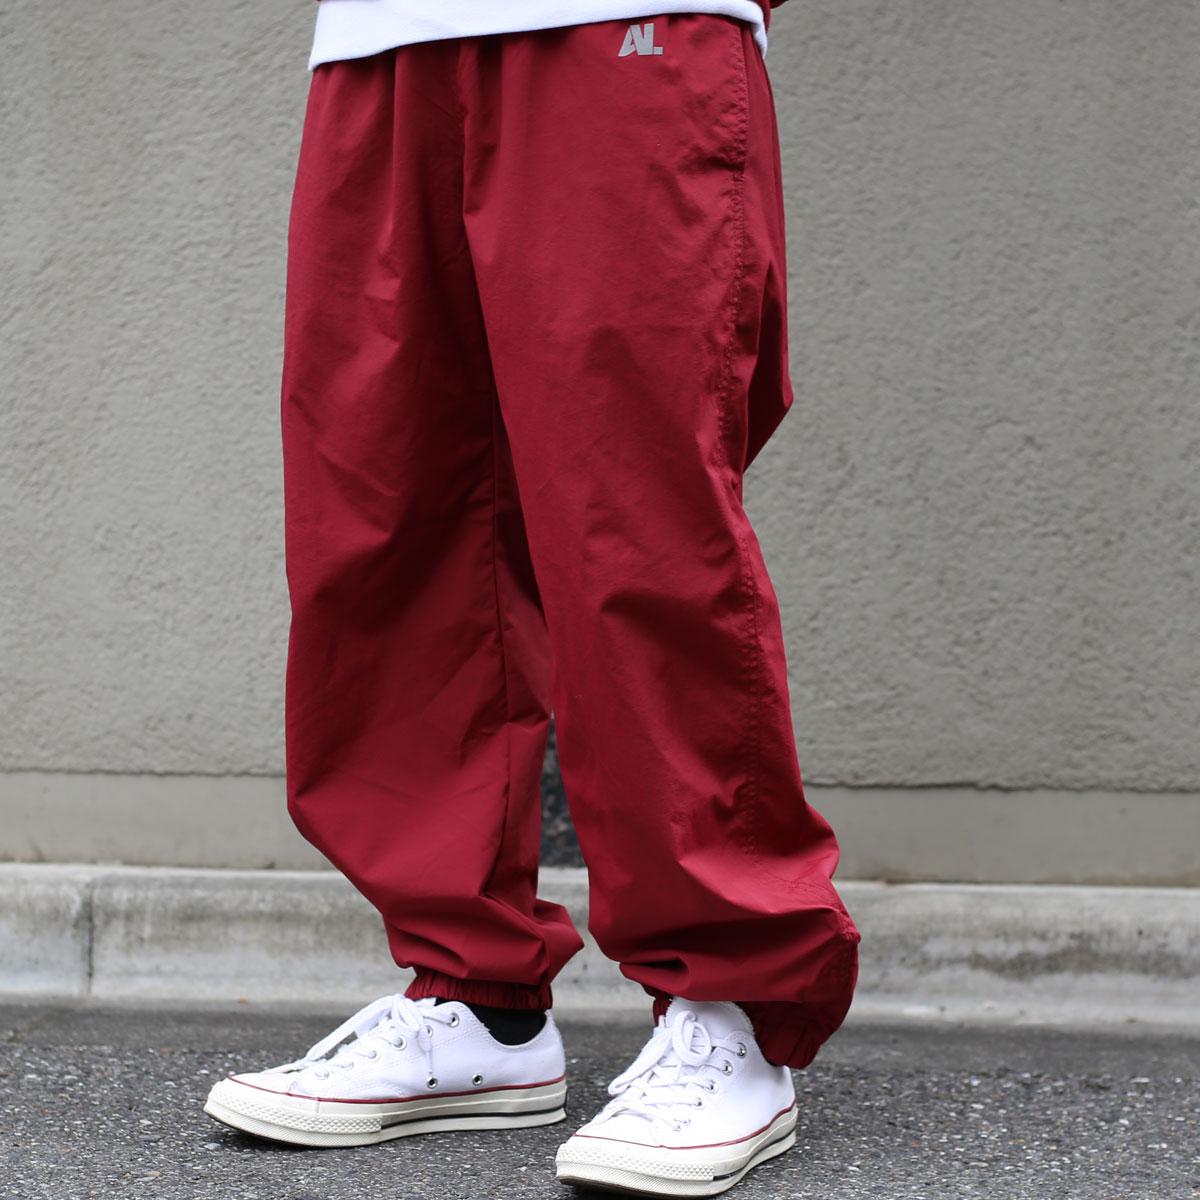 ATMOS LAB NYLON TRACK PANTS(アトモス ラボ ナイロン トラック パンツ)burg【メンズ パンツ】17FW-I